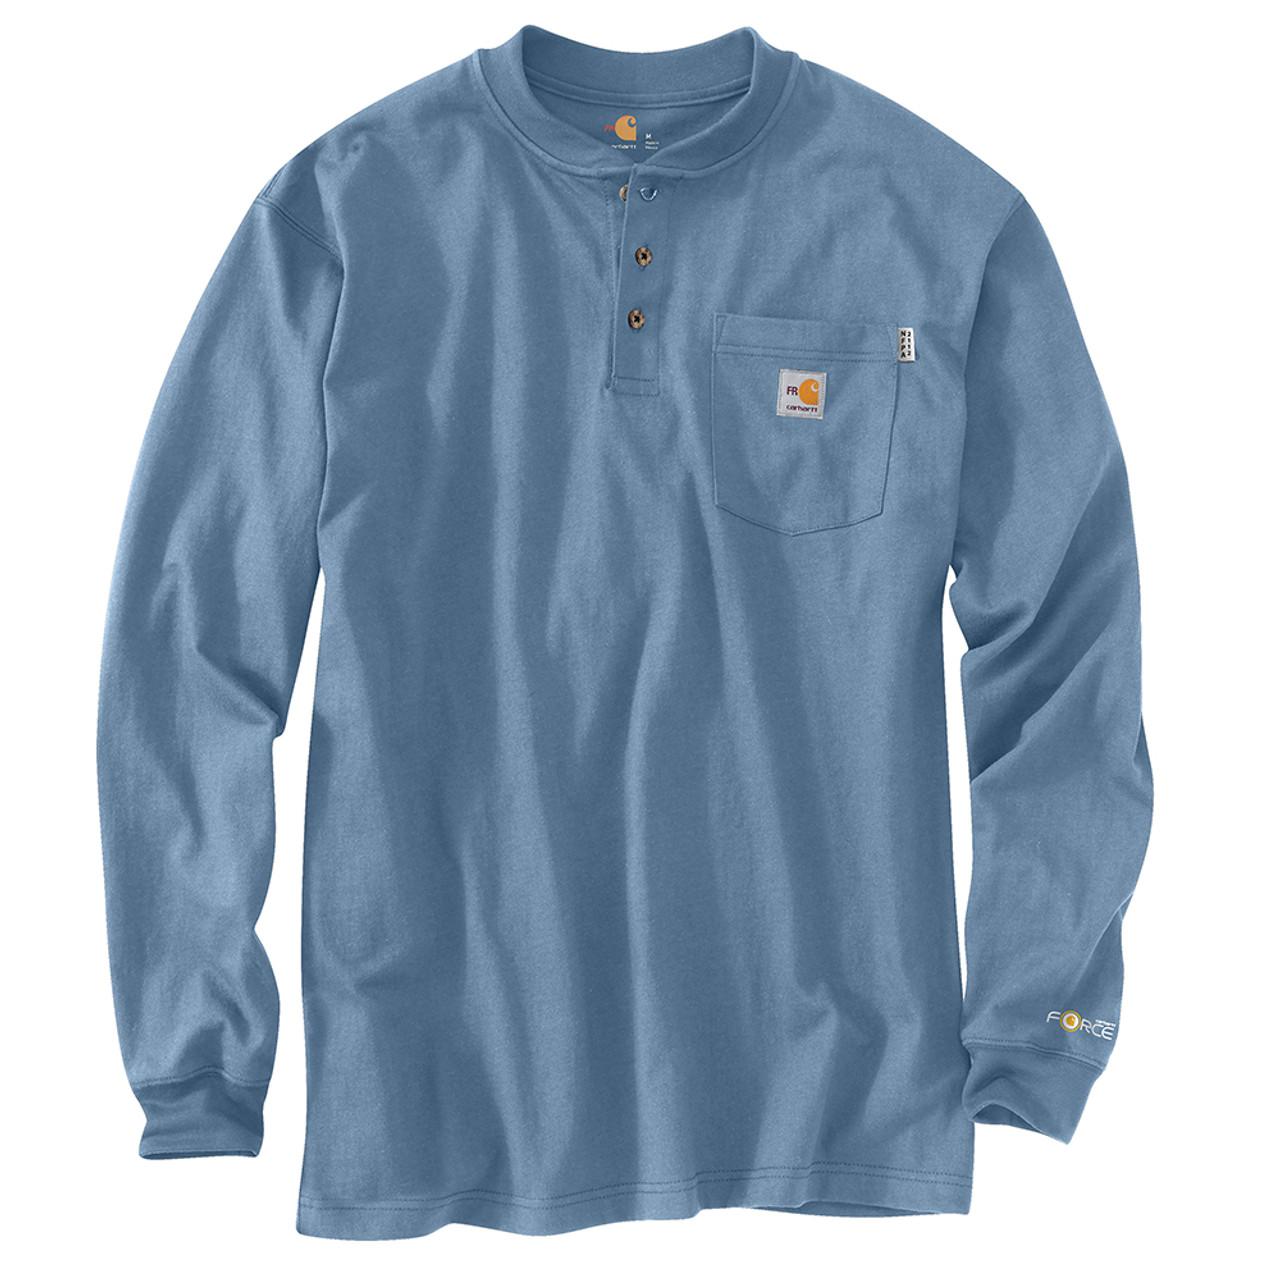 e0211945476d3d 100237 Men's Flame Resistant Force Cotton Long Sleeve Henley